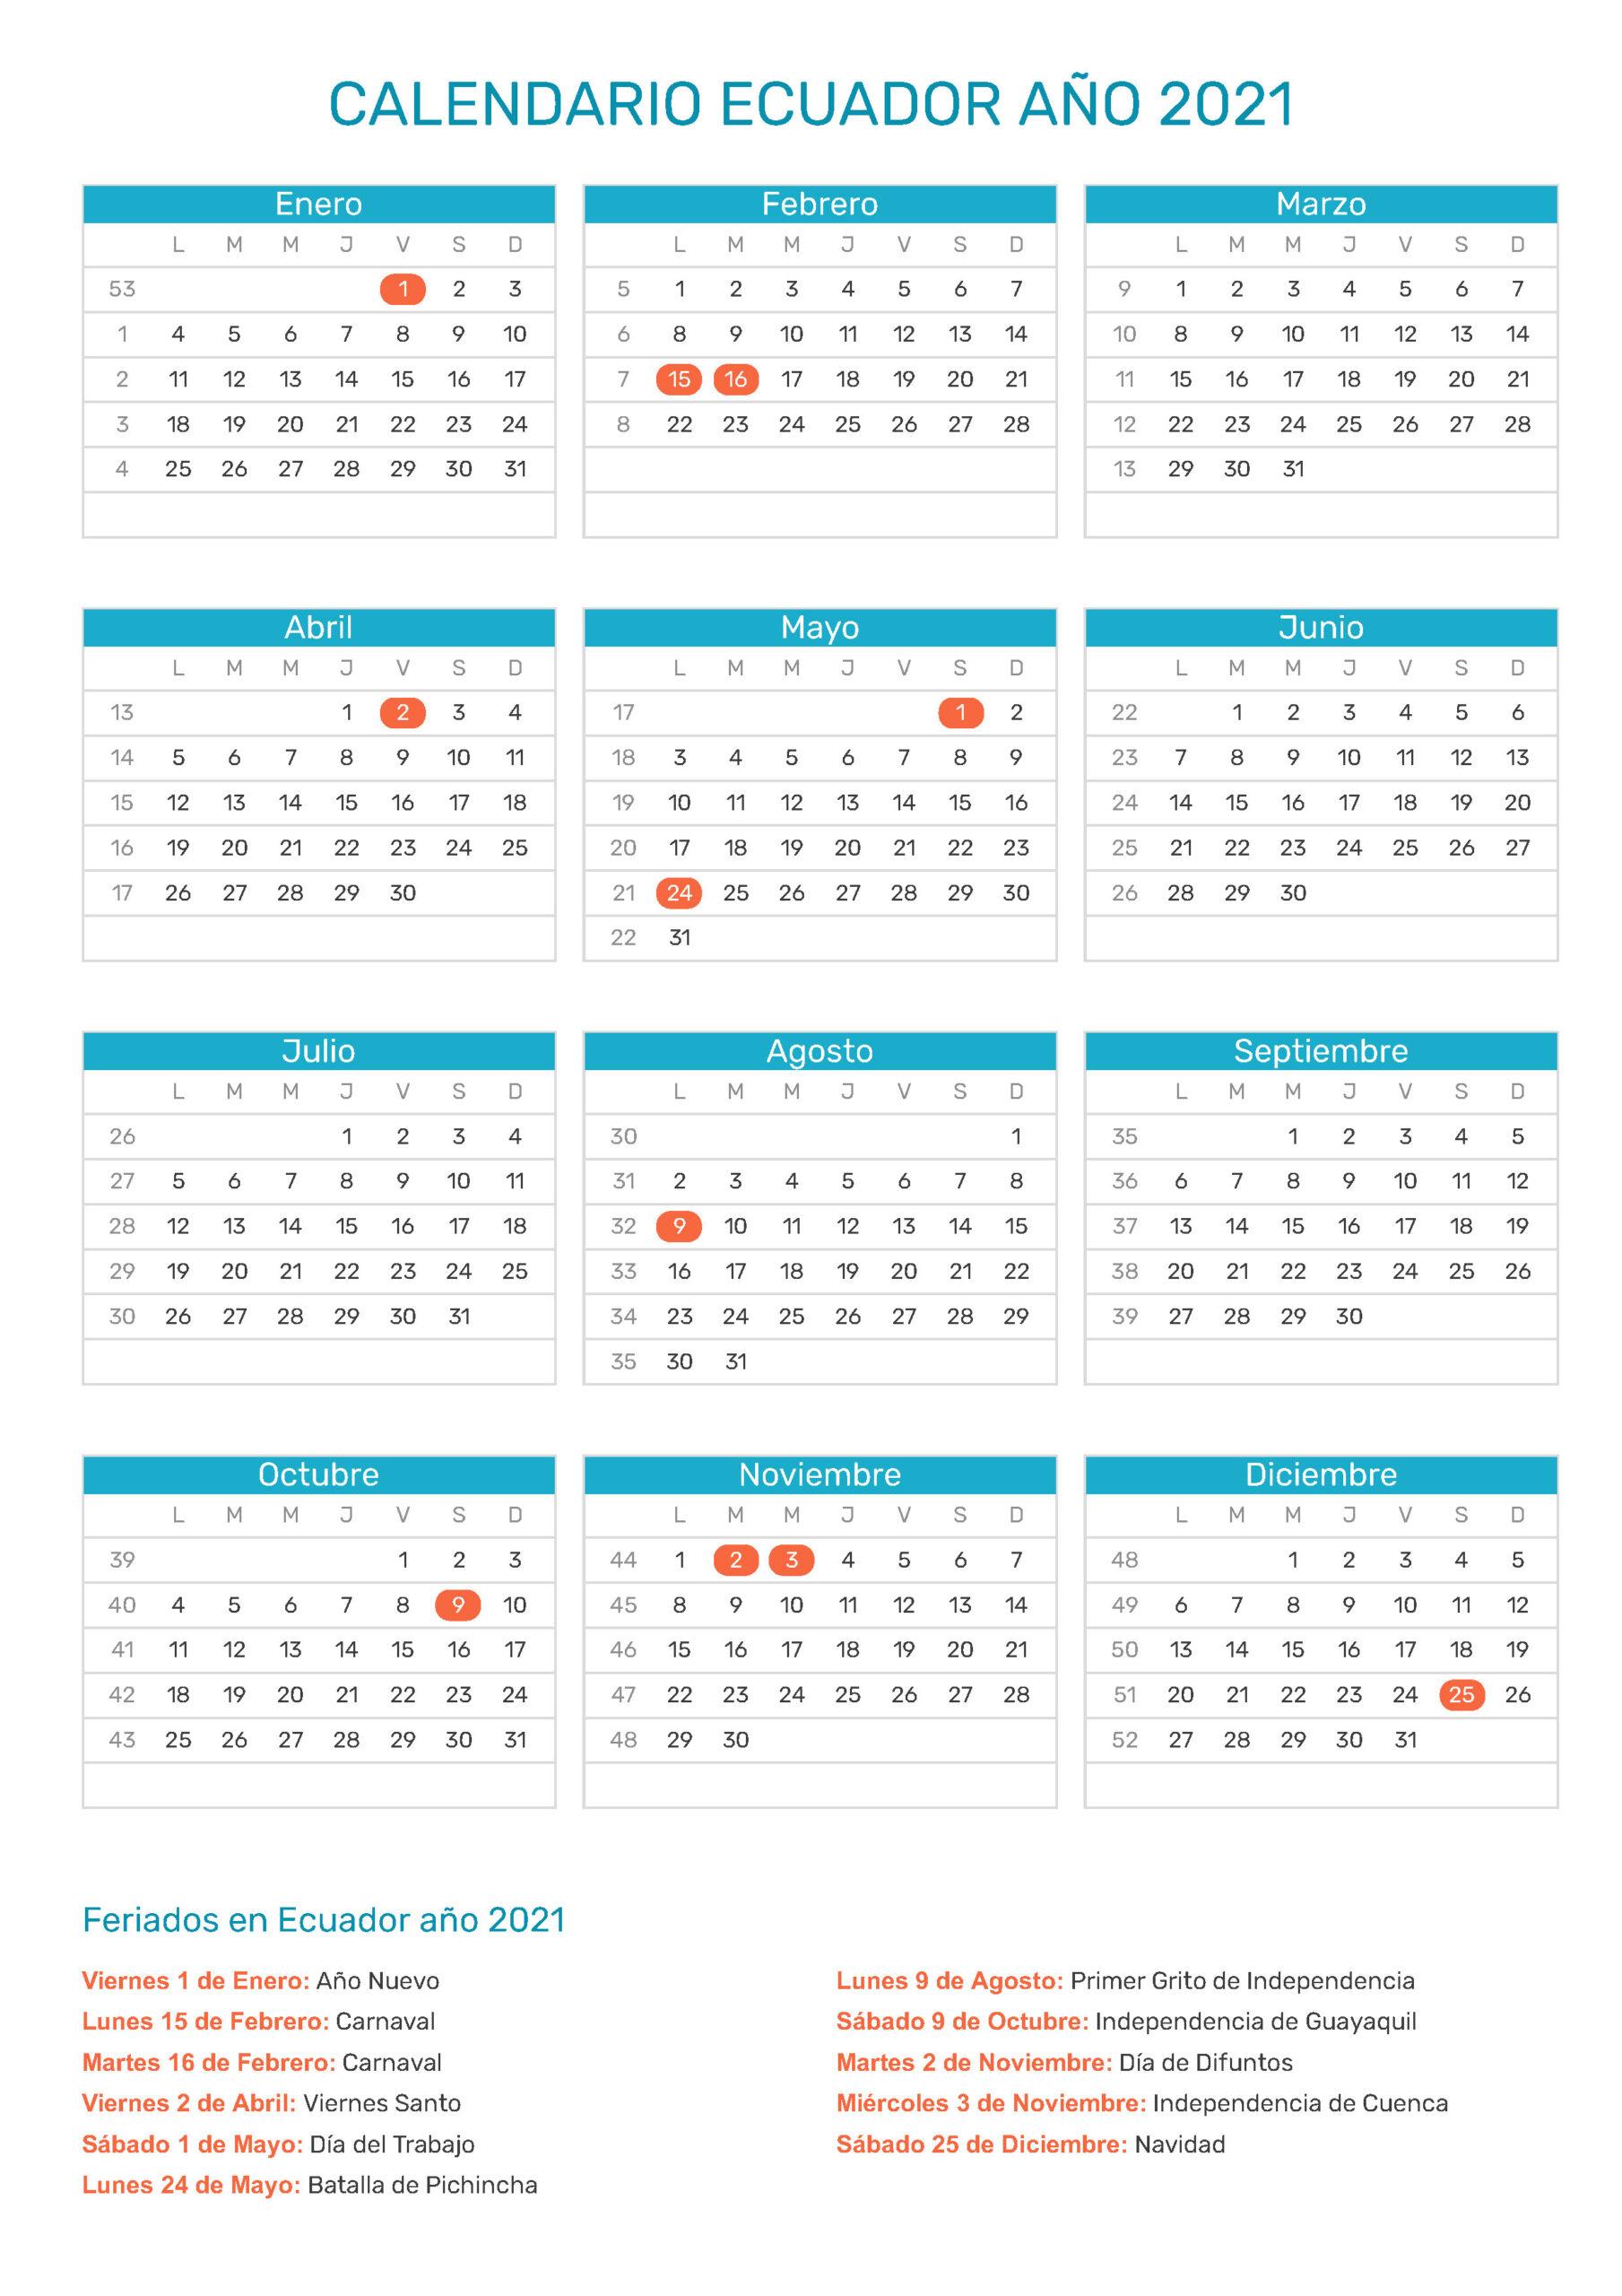 Calendario De Ecuador Año 2021